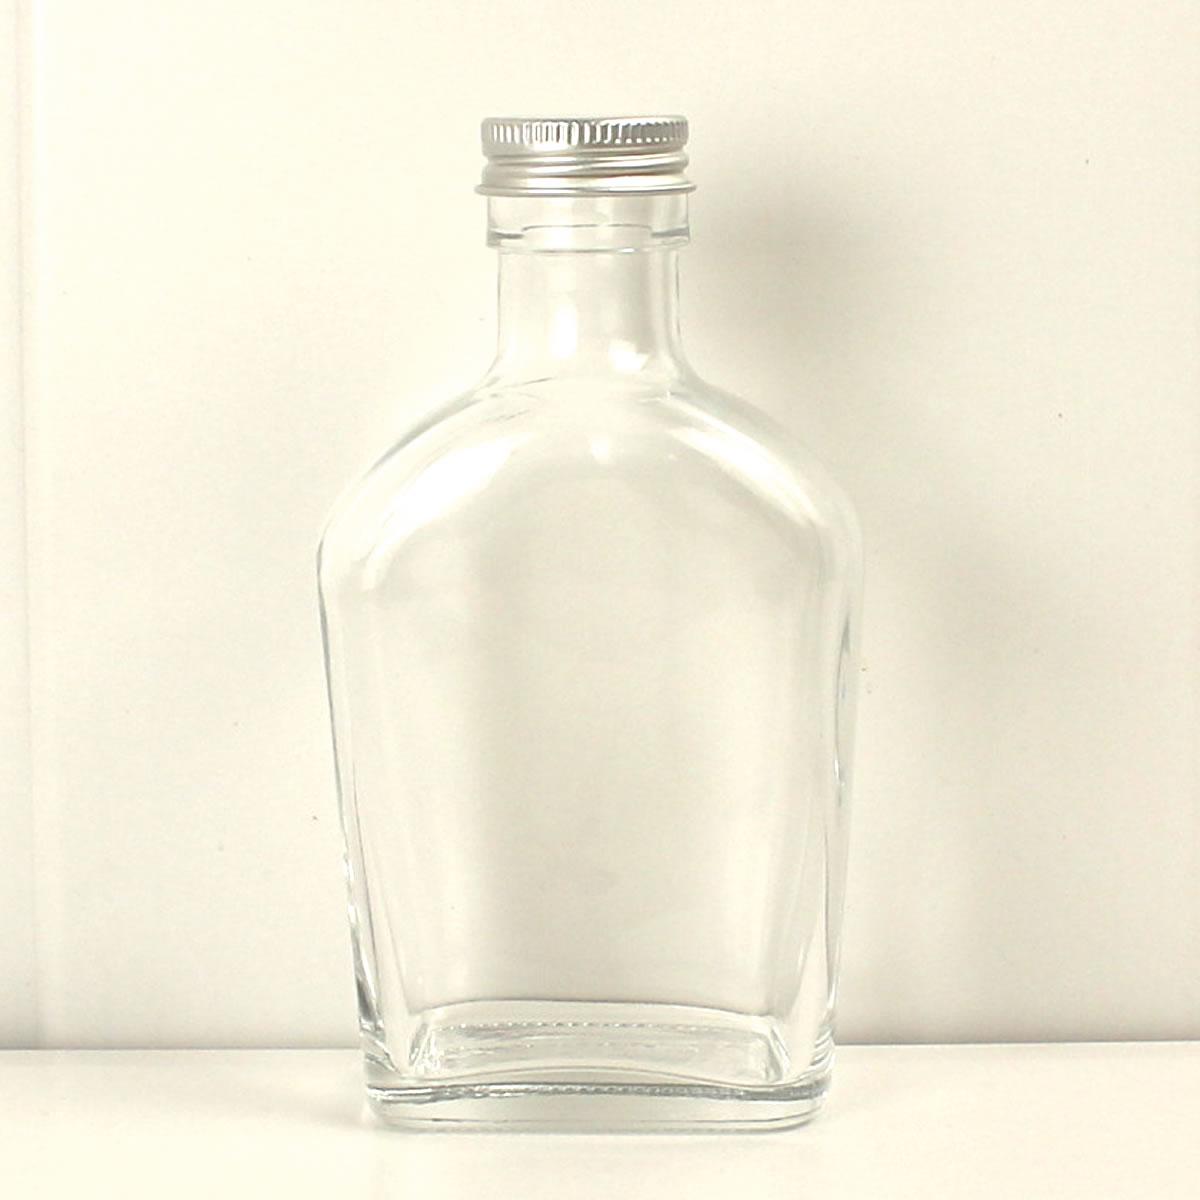 即日★ ハーバリウム瓶 (ウィスキー2:スキットル)200ml アルミ銀キャップ付《花資材・道具 ハーバリウム材料 ハーバリウム オイル》